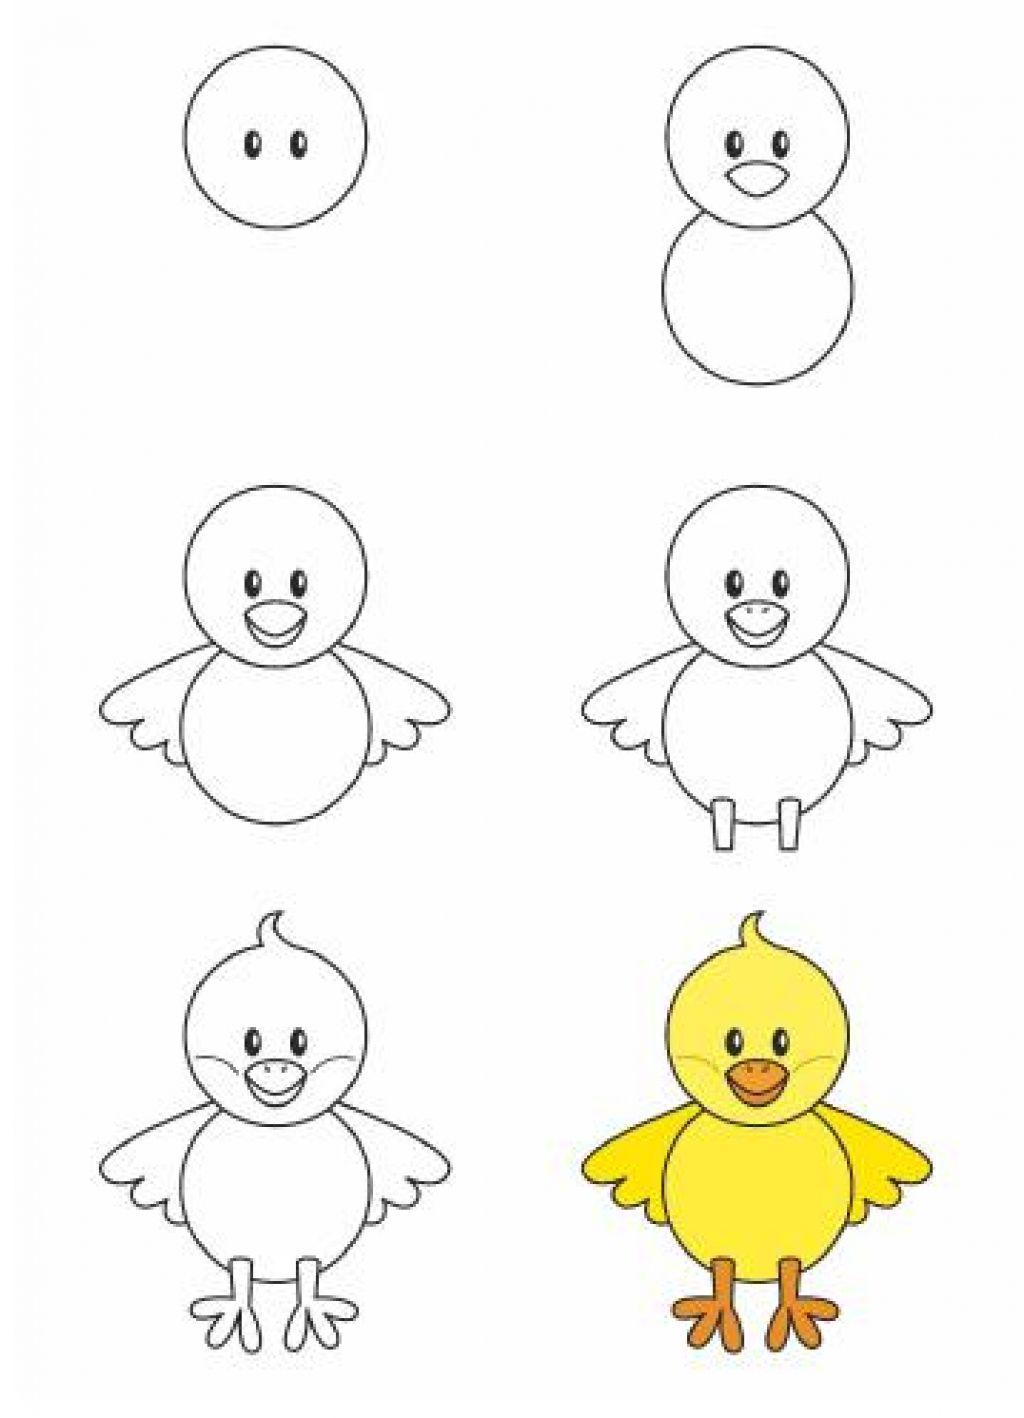 Apprendre dessiner aux enfants tape par tape 17 - Animal a dessiner ...